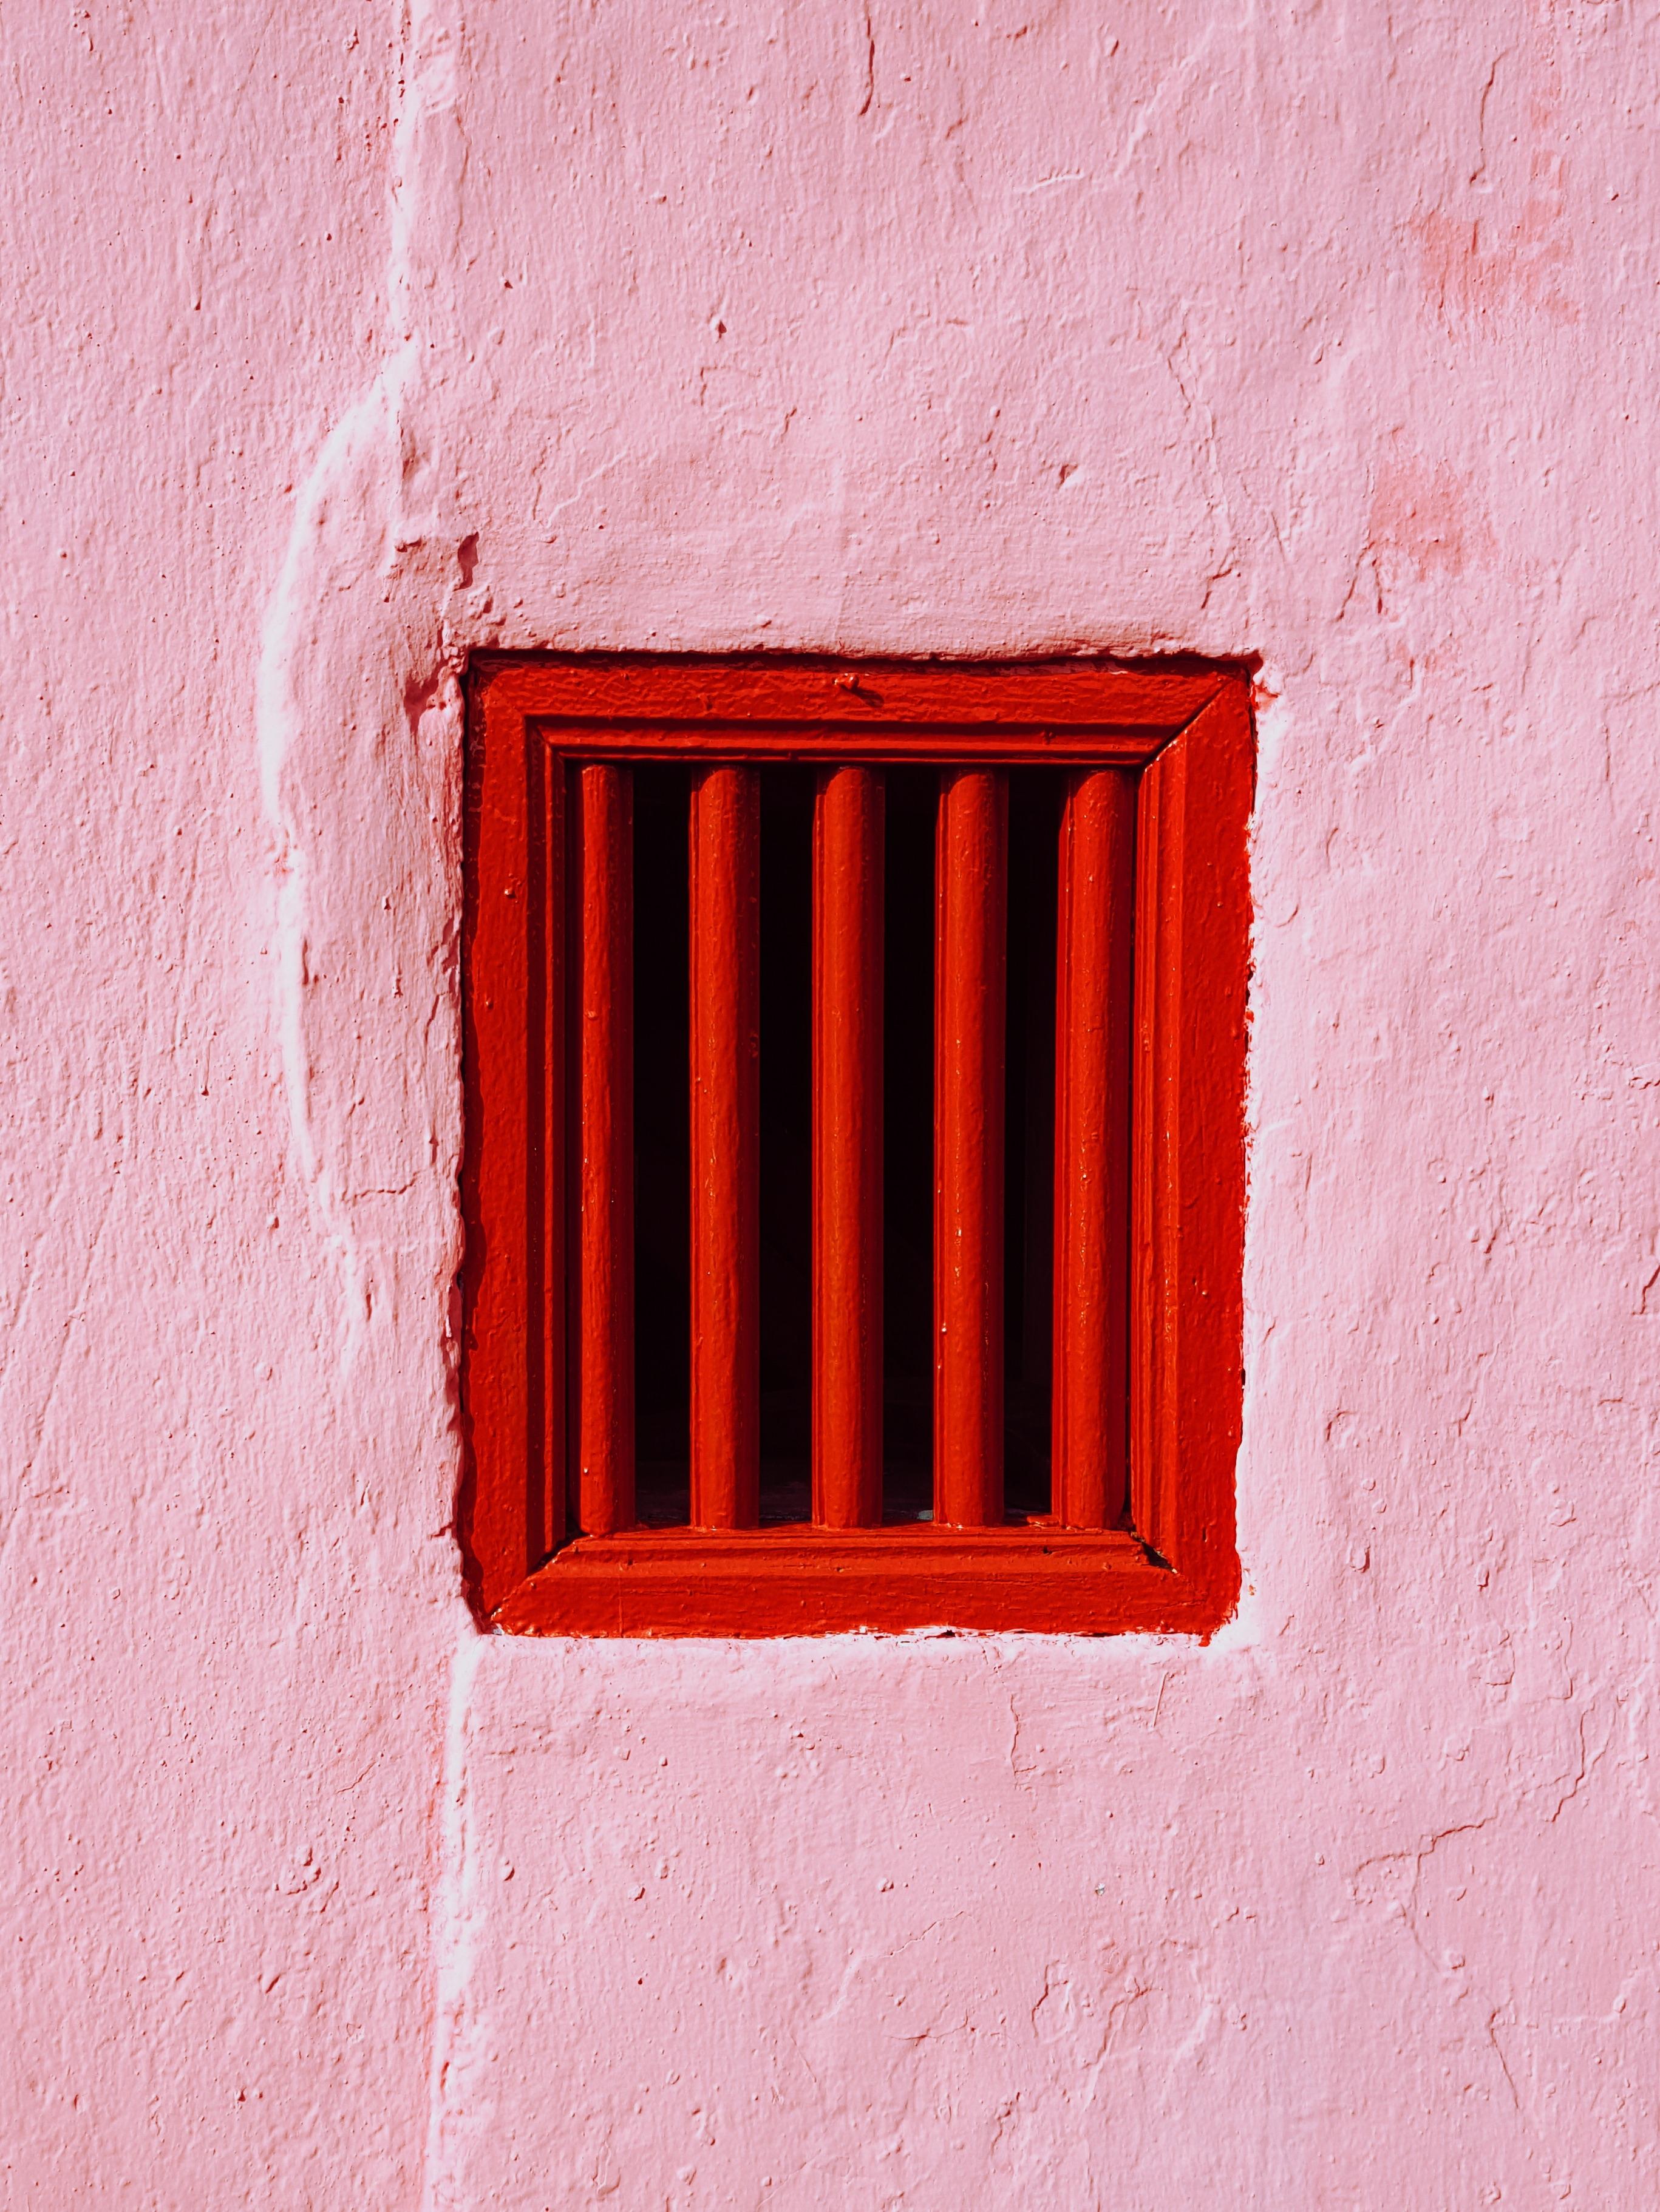 Entzuckend Holz Weiß Textur Fenster Mauer Linie Rot Farbe Rosa Ziegel Tür Material  Innenarchitektur Gestalten Fensterverkleidung